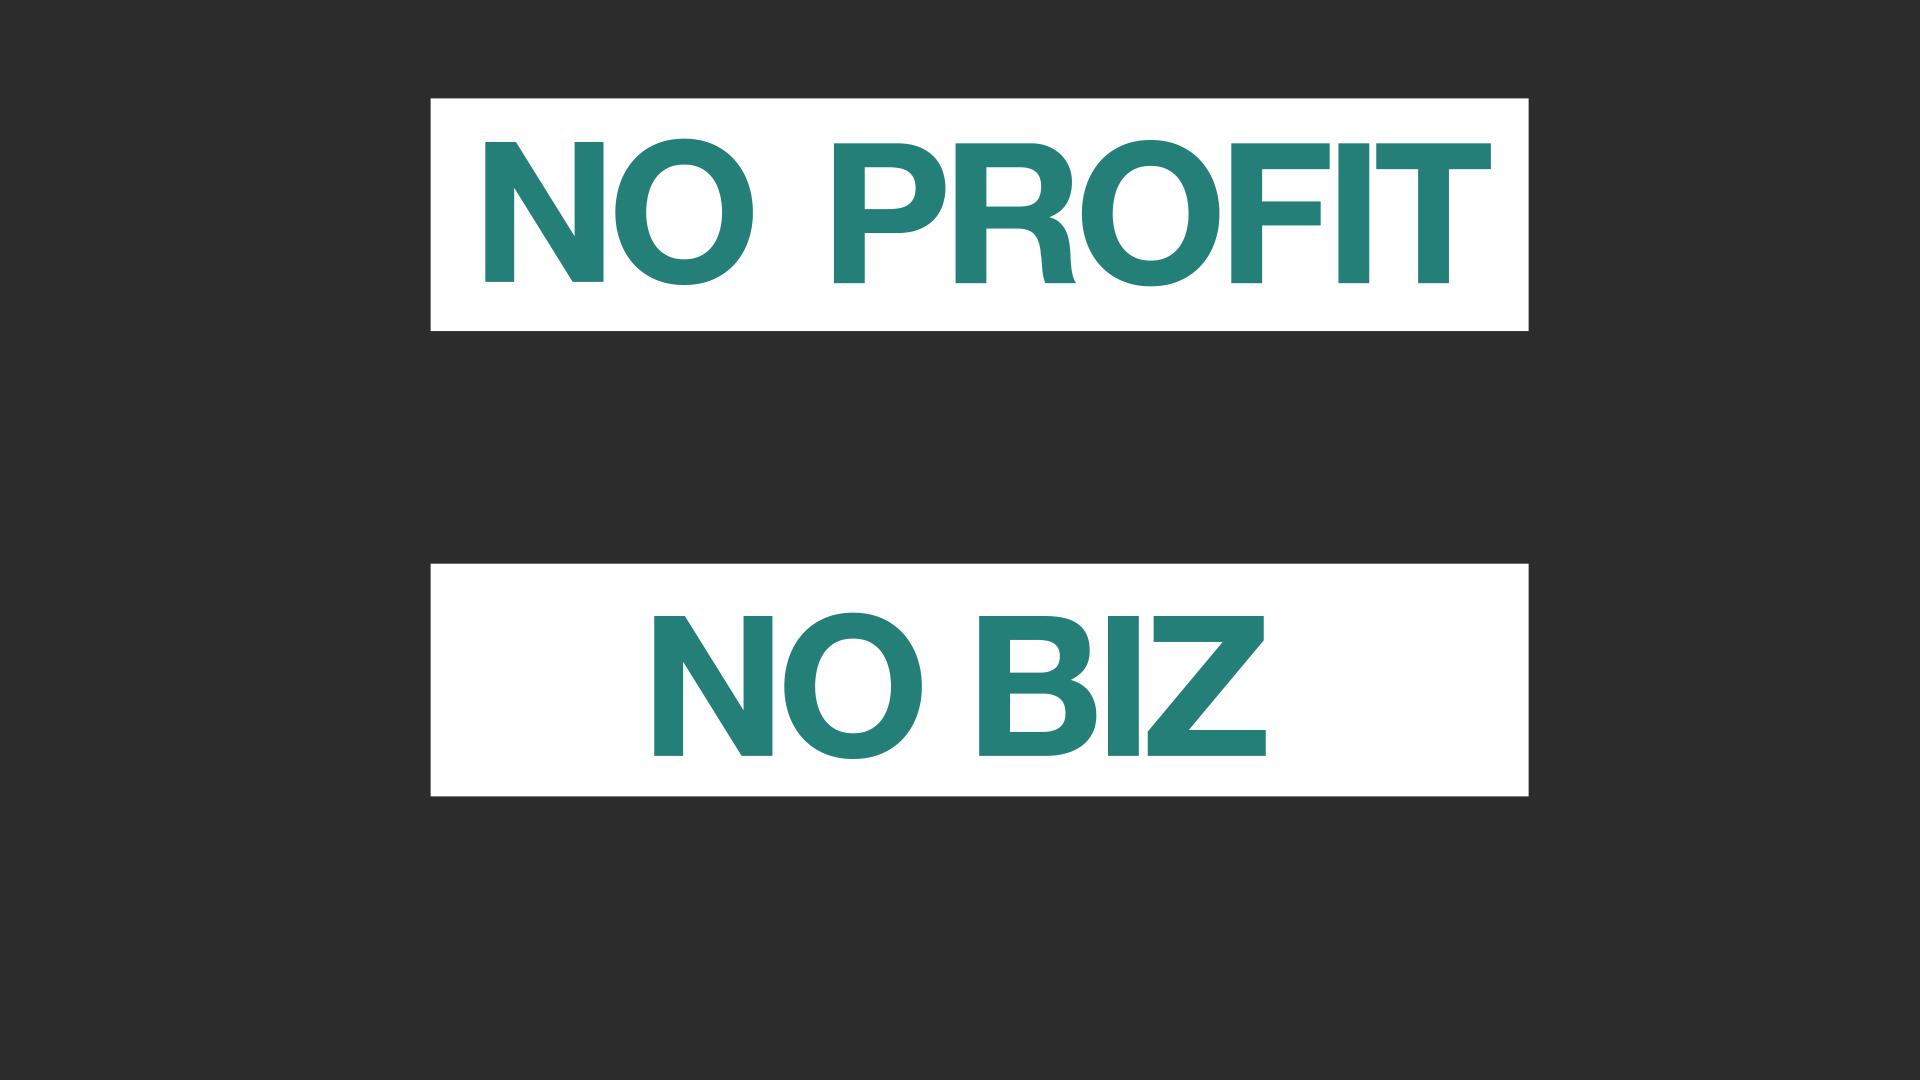 No profit no biz.png